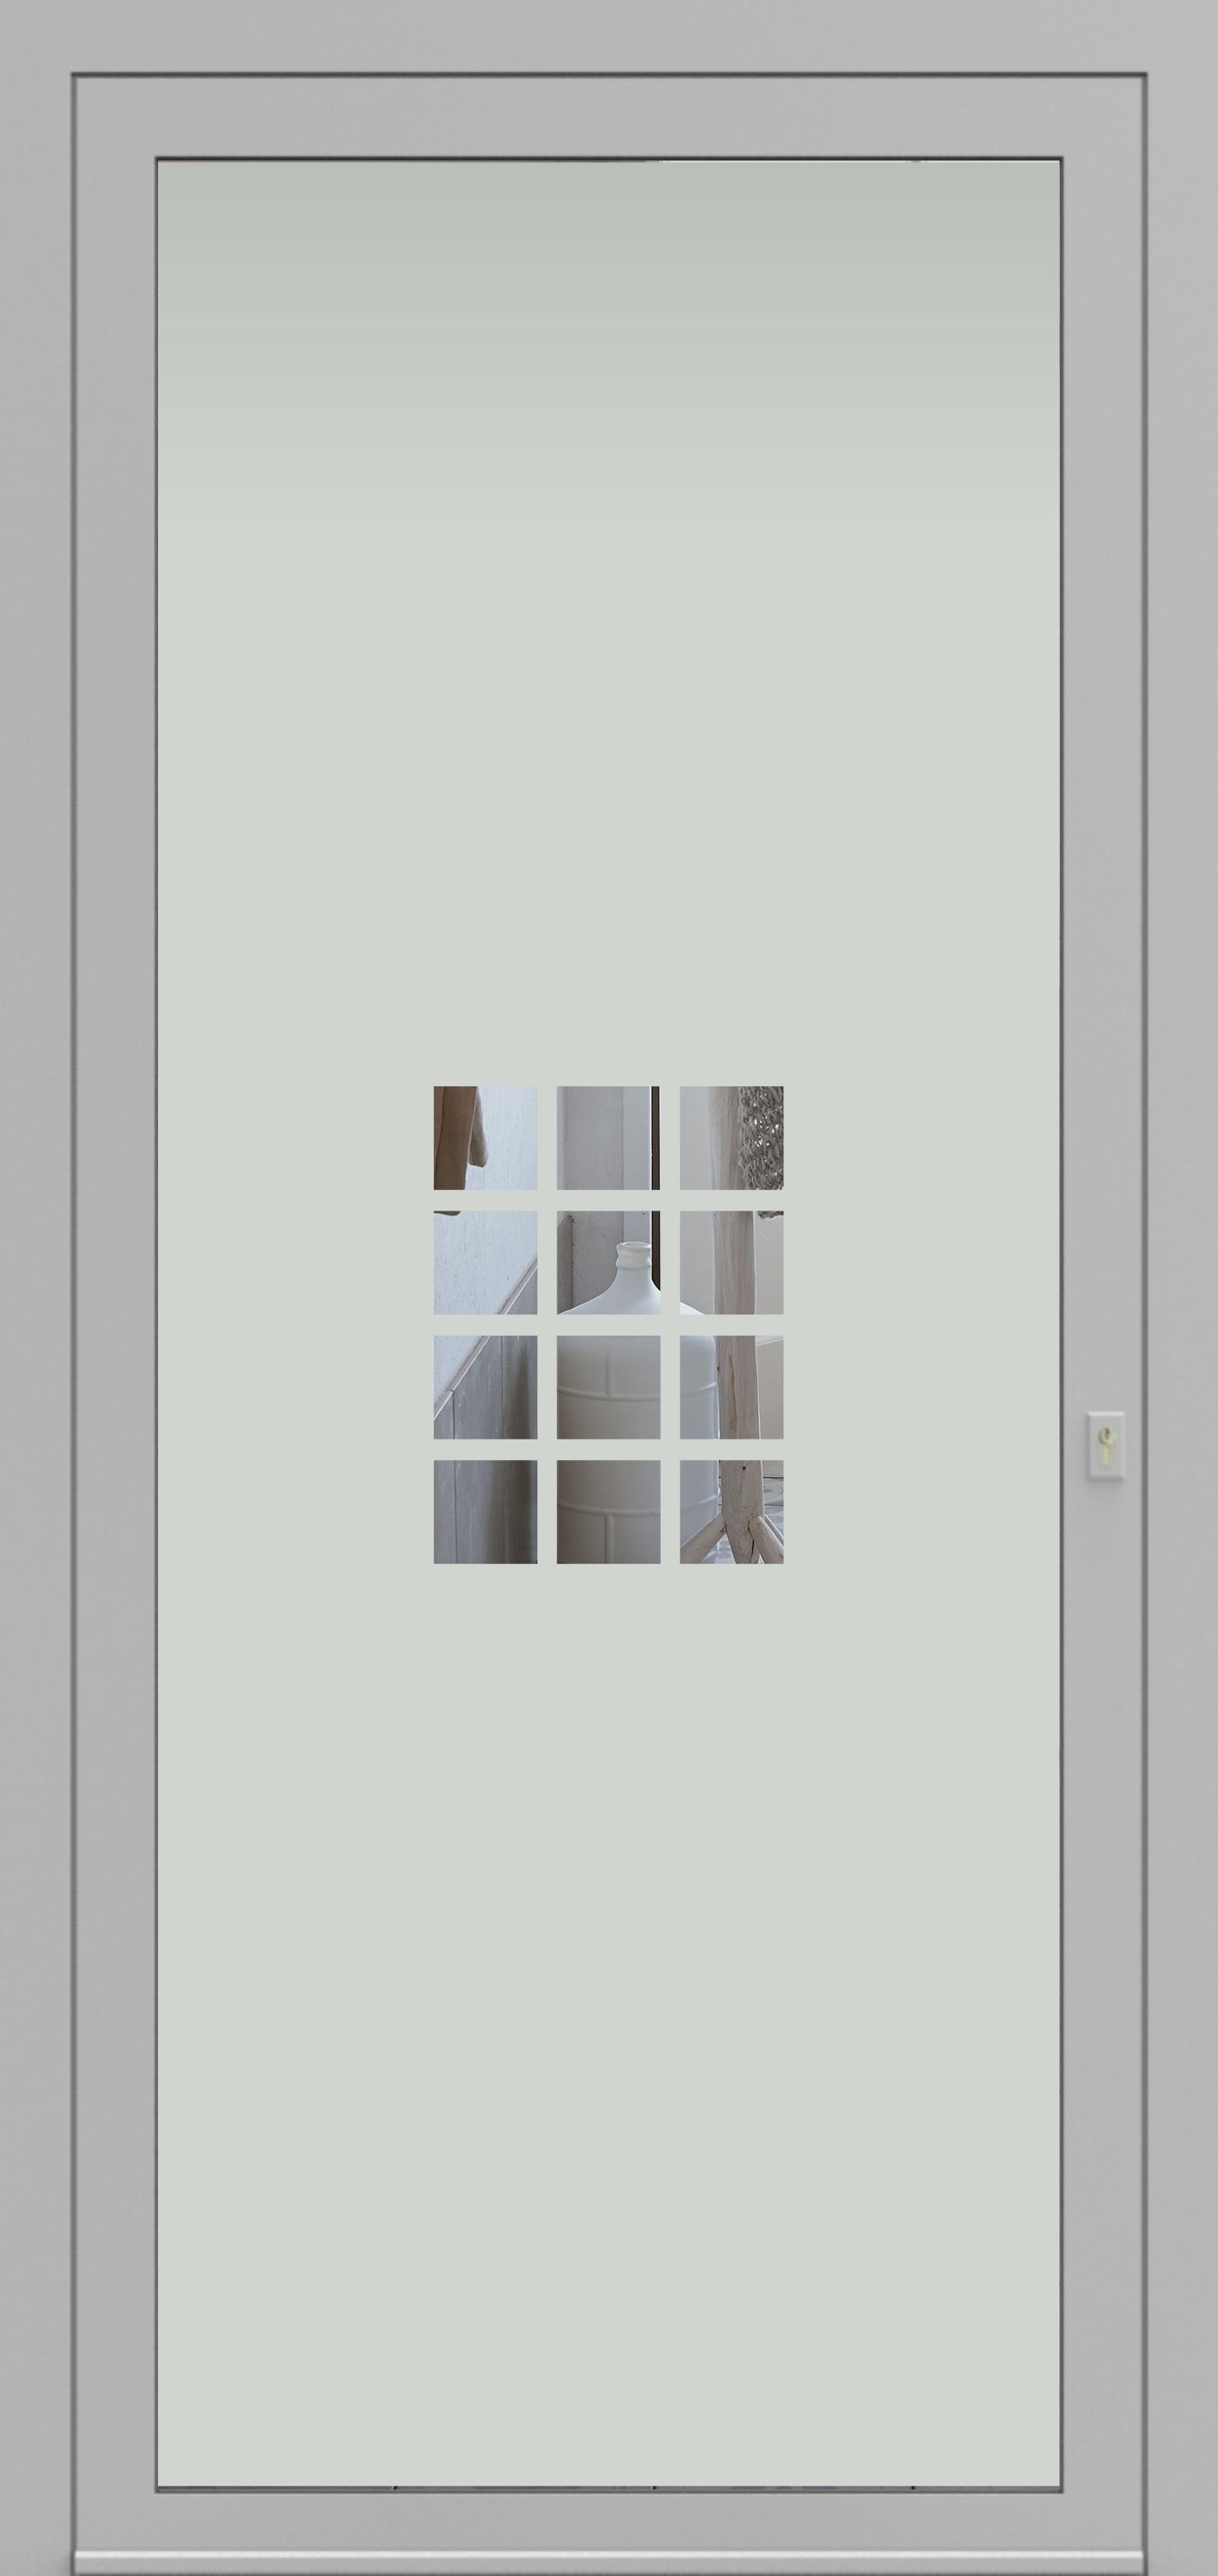 Porte d'entrée DECOVER 2/14 de la gamme Decover posée par les établissements CELEREAU à Roncq